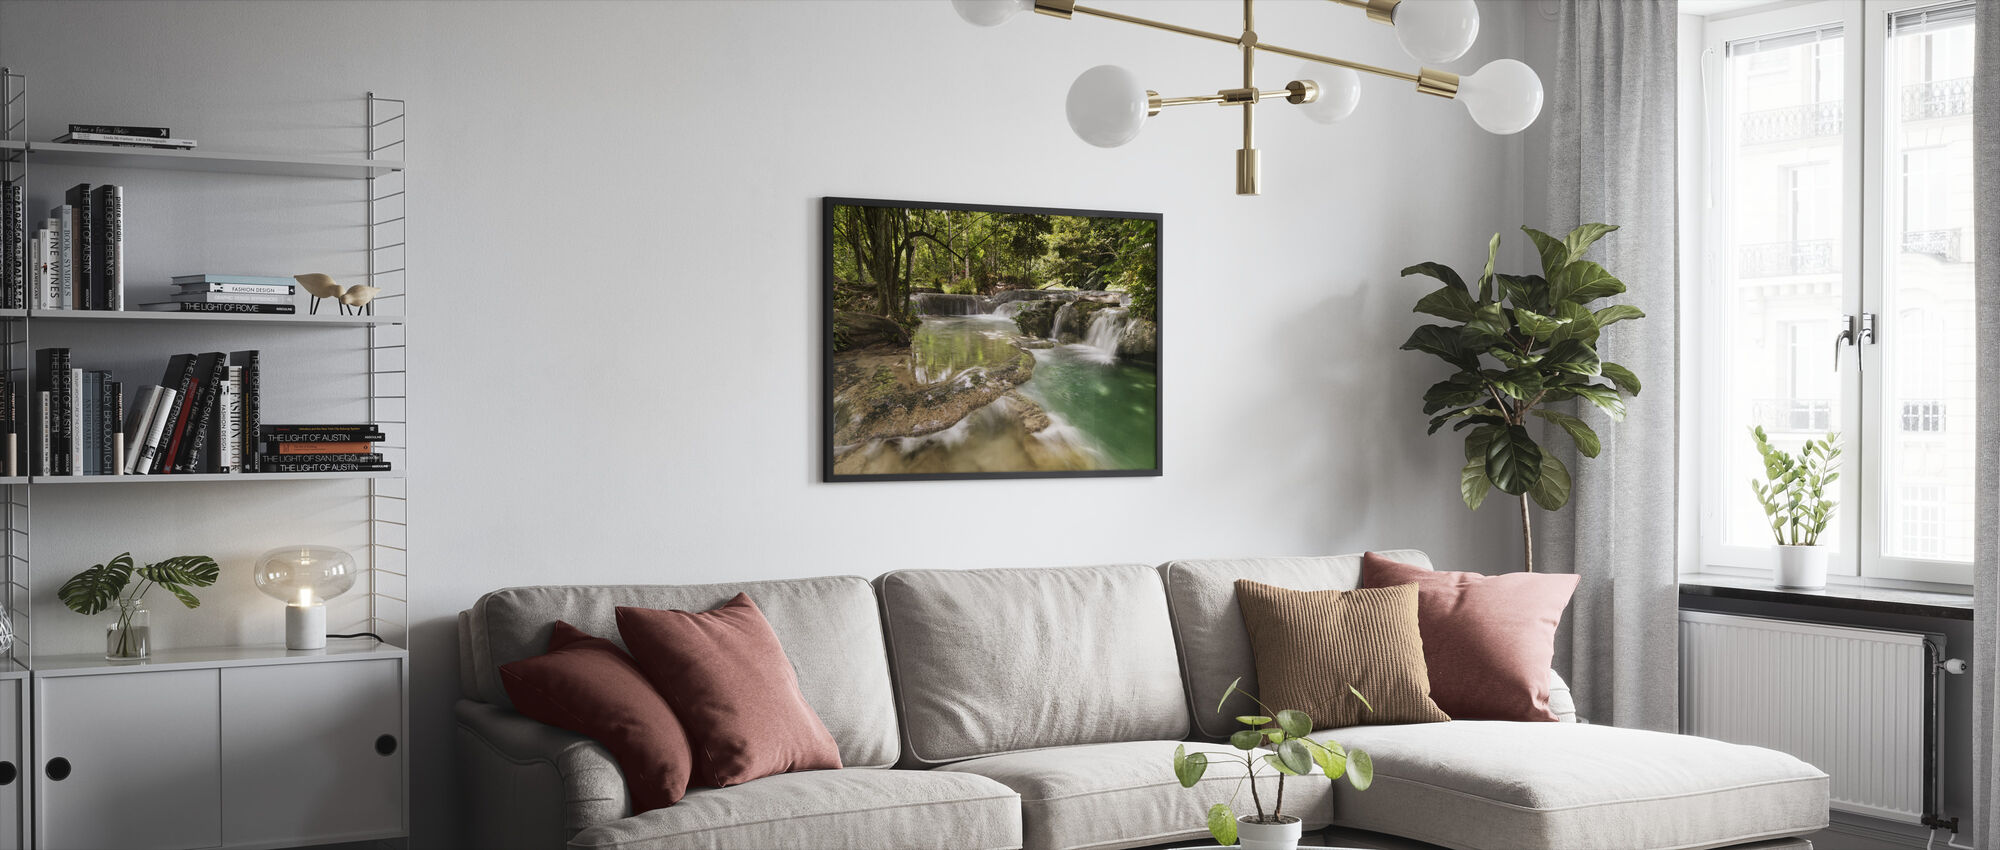 Panas Waterfalls II - Framed print - Living Room